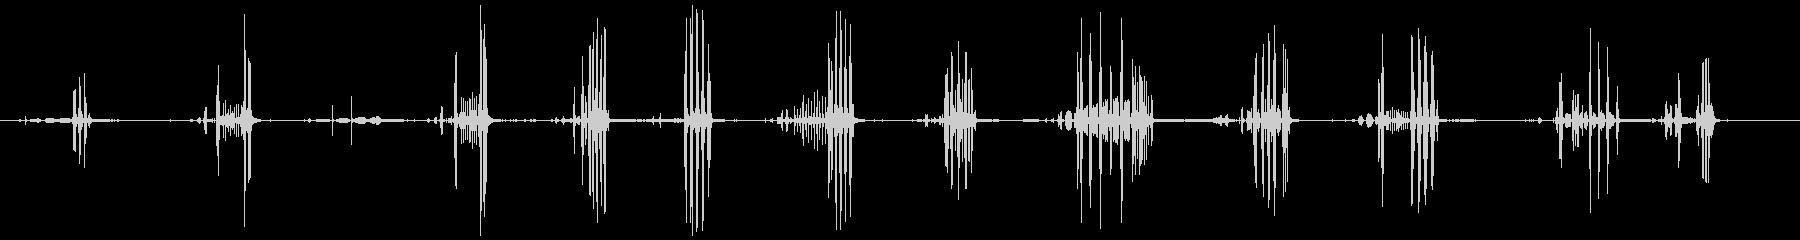 鳥ナイチンゲールの未再生の波形